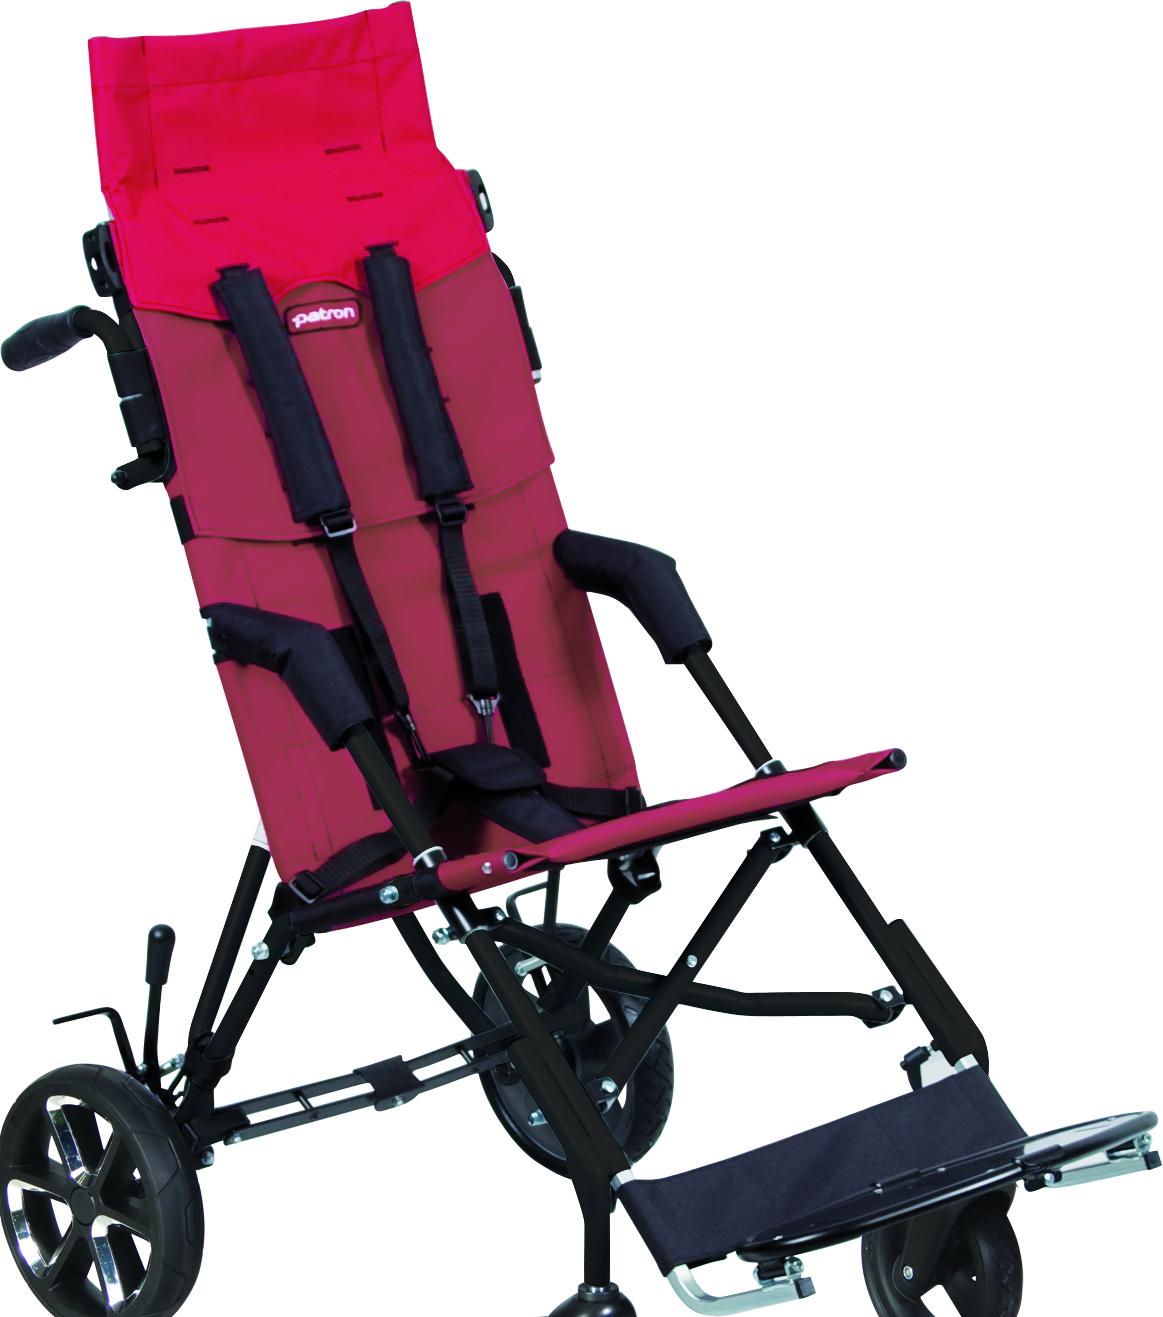 детская инвалидная коляска patron фото